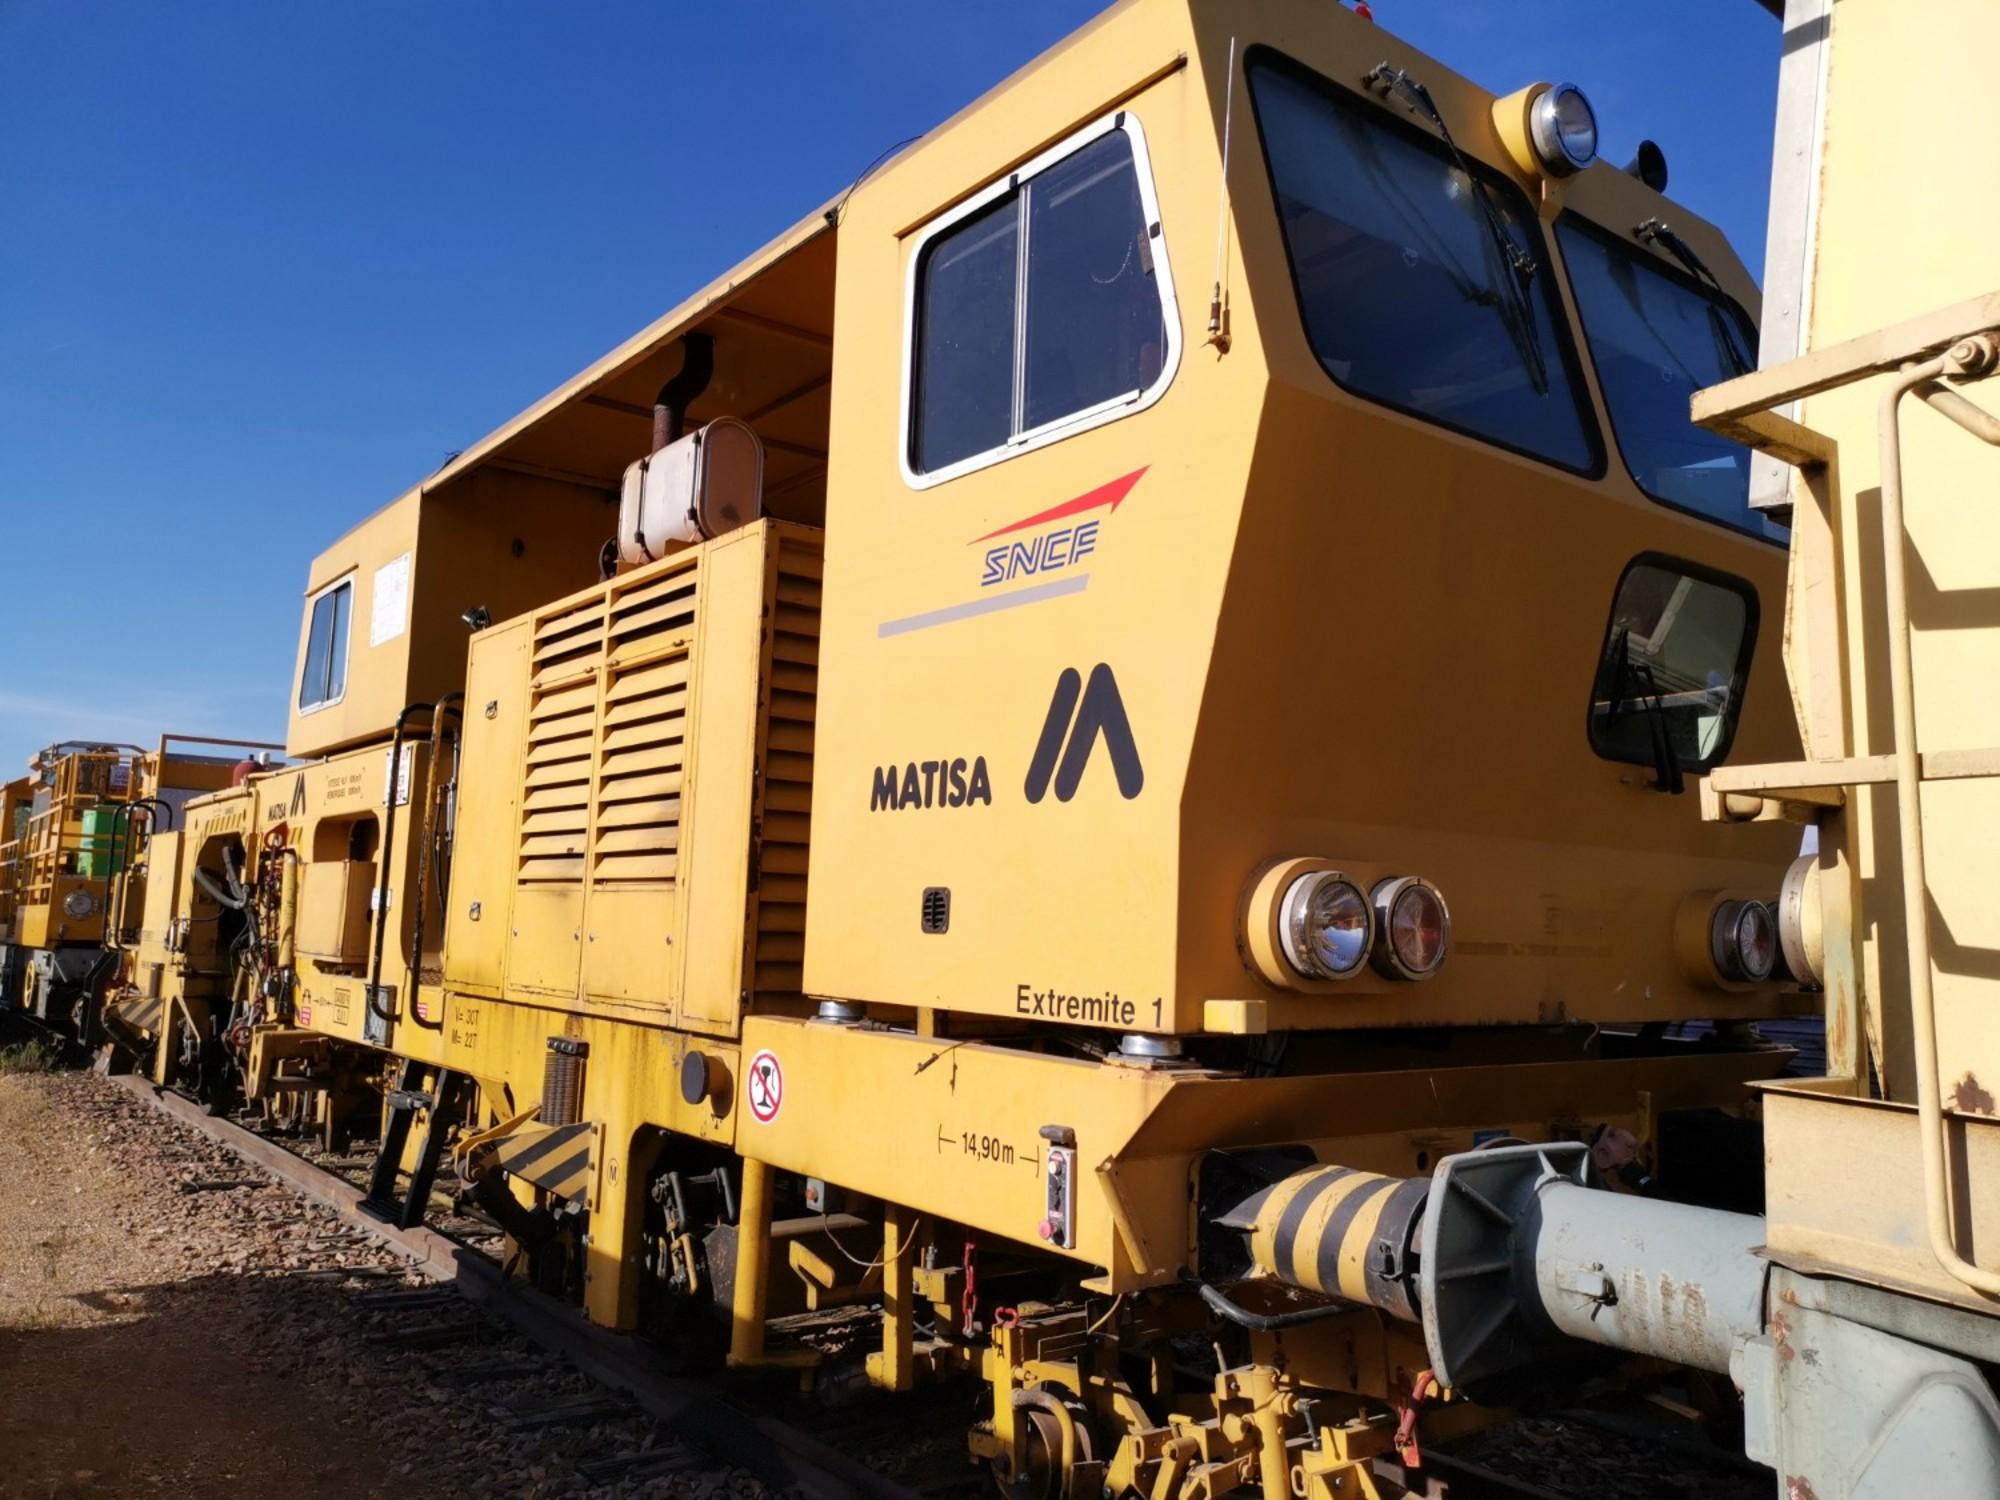 Vente SNCF